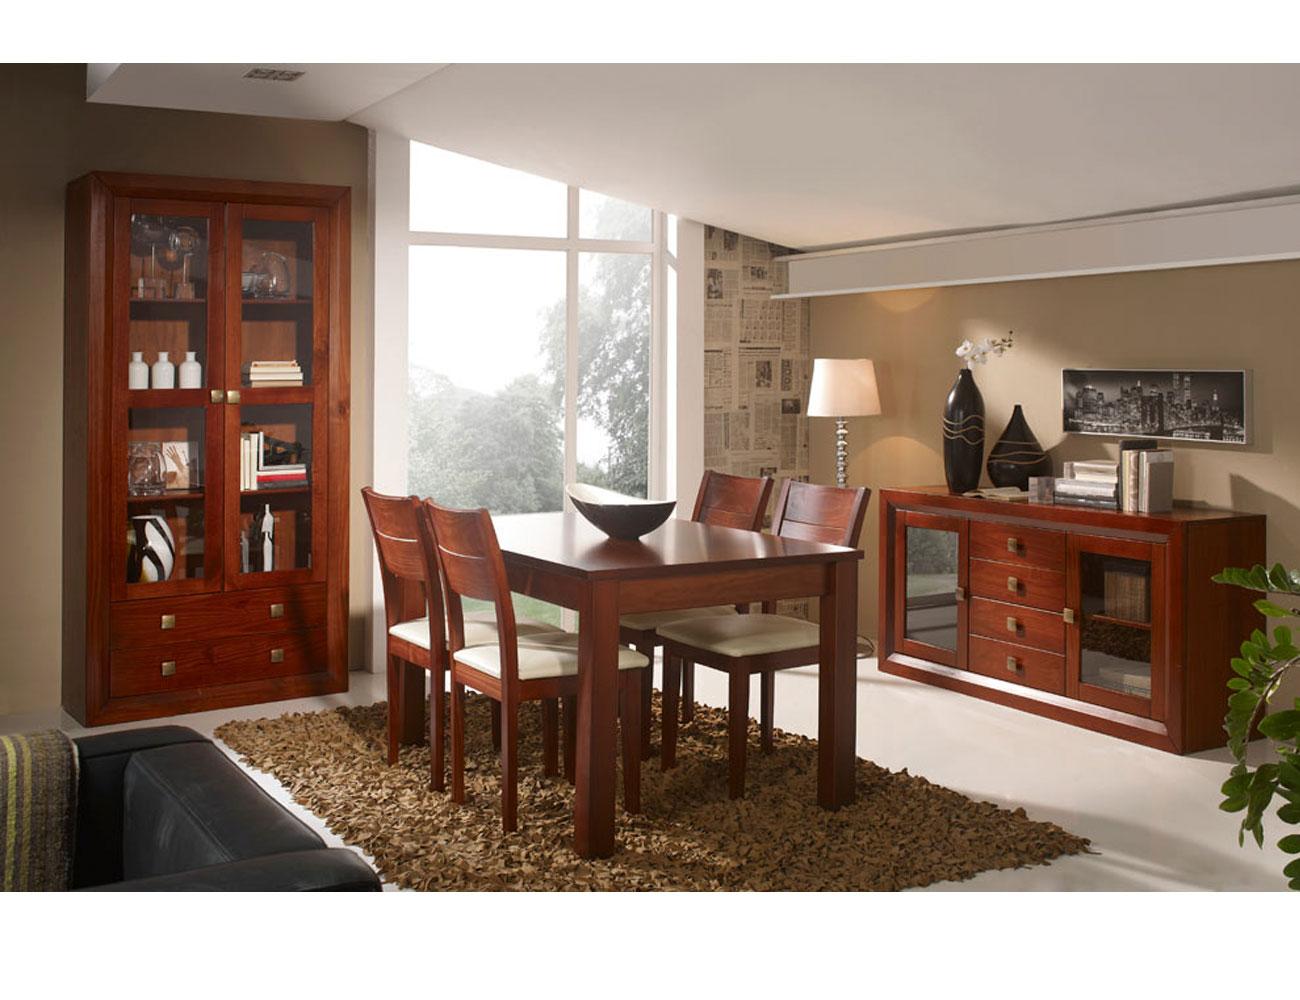 Muebles de dormitorio de matrimonio color nogal en madera for Colores de muebles de madera